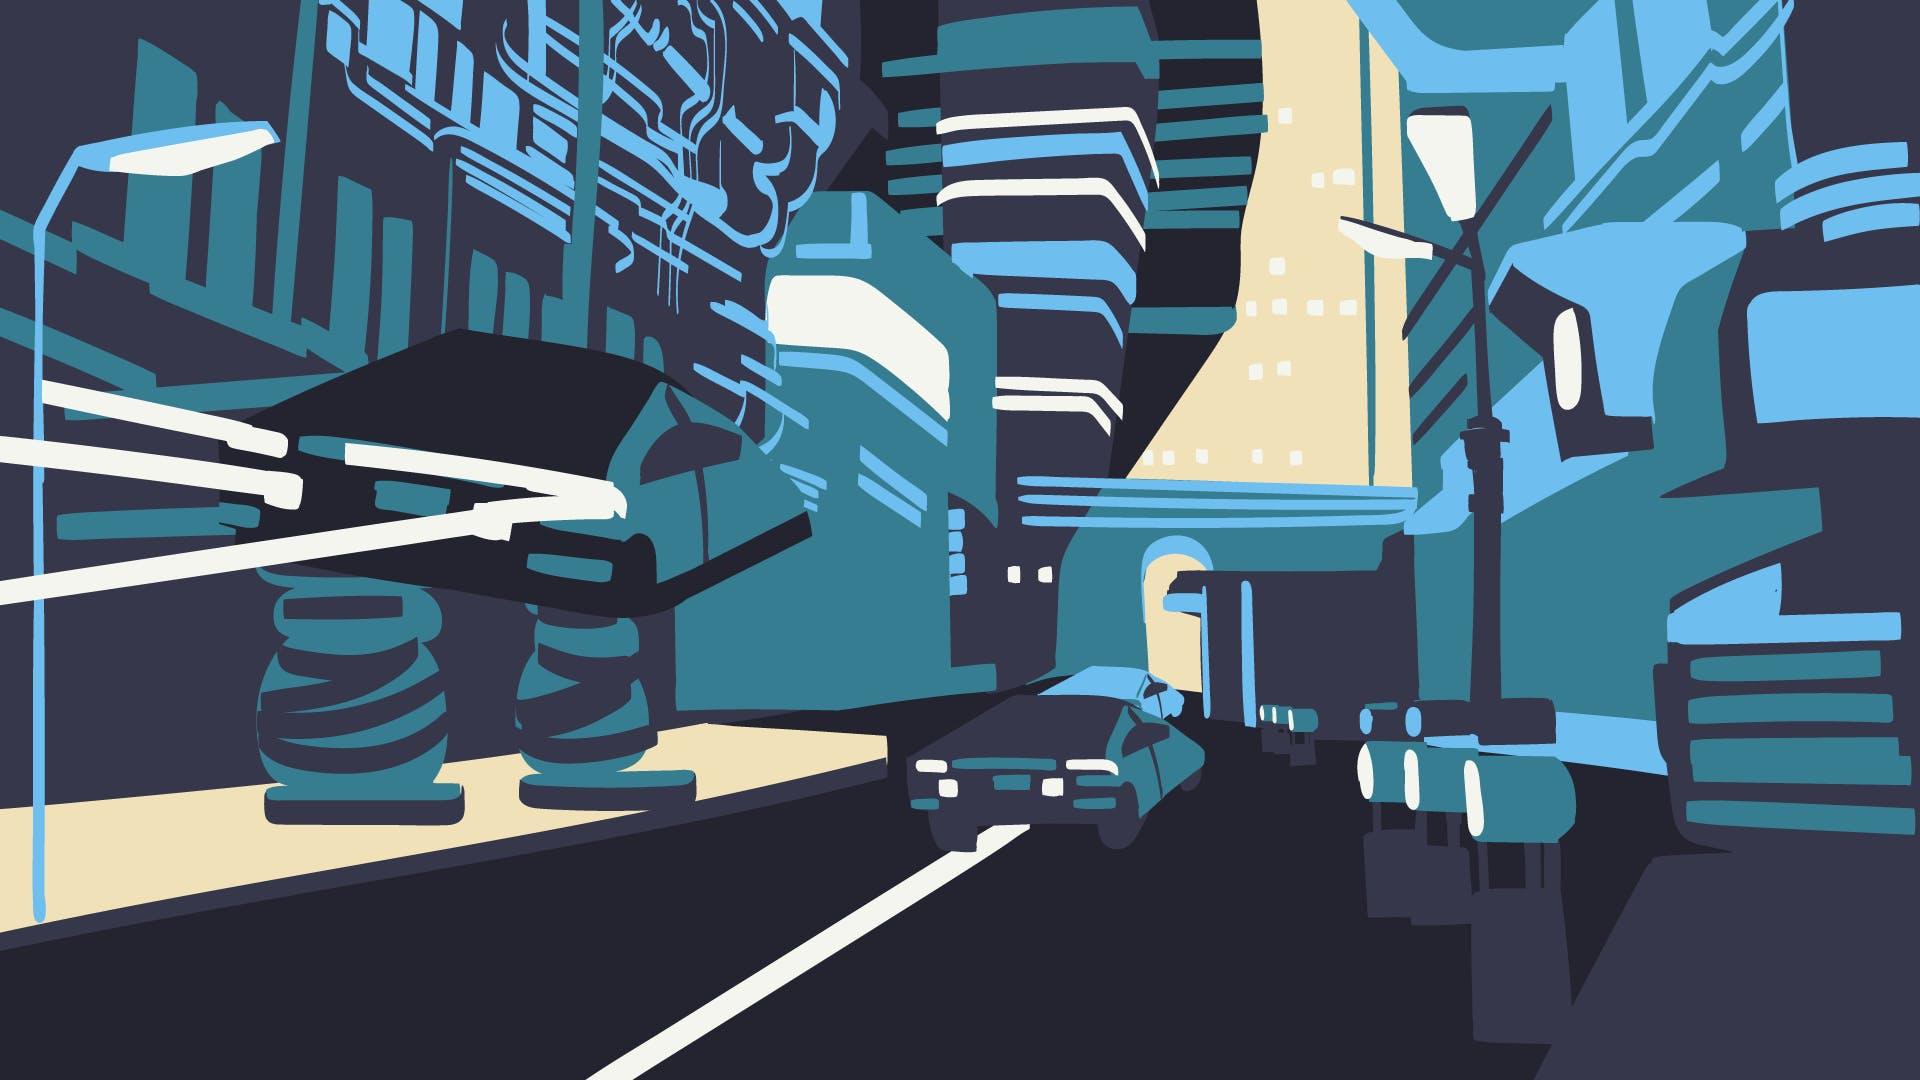 Futuristische Darstellung einer Straße um die Exklusivität der schwarze Kreditkarte von American Express auszudrücken.